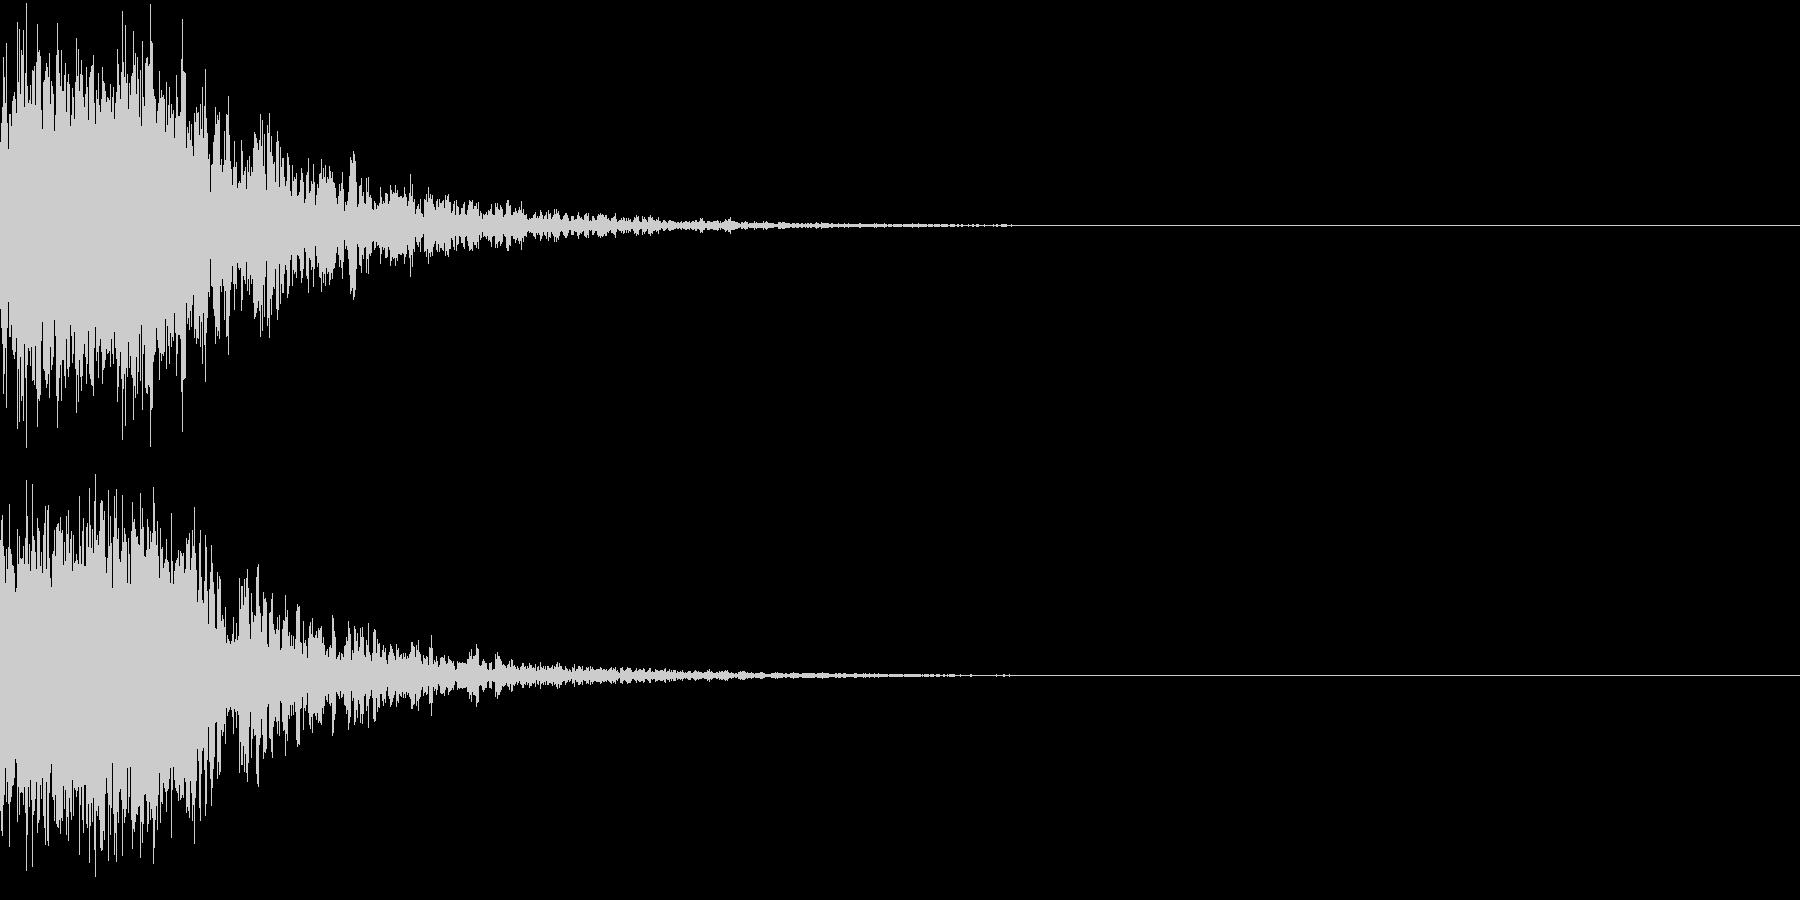 恐竜 怪獣 吠える 衝撃 ホラー 01の未再生の波形